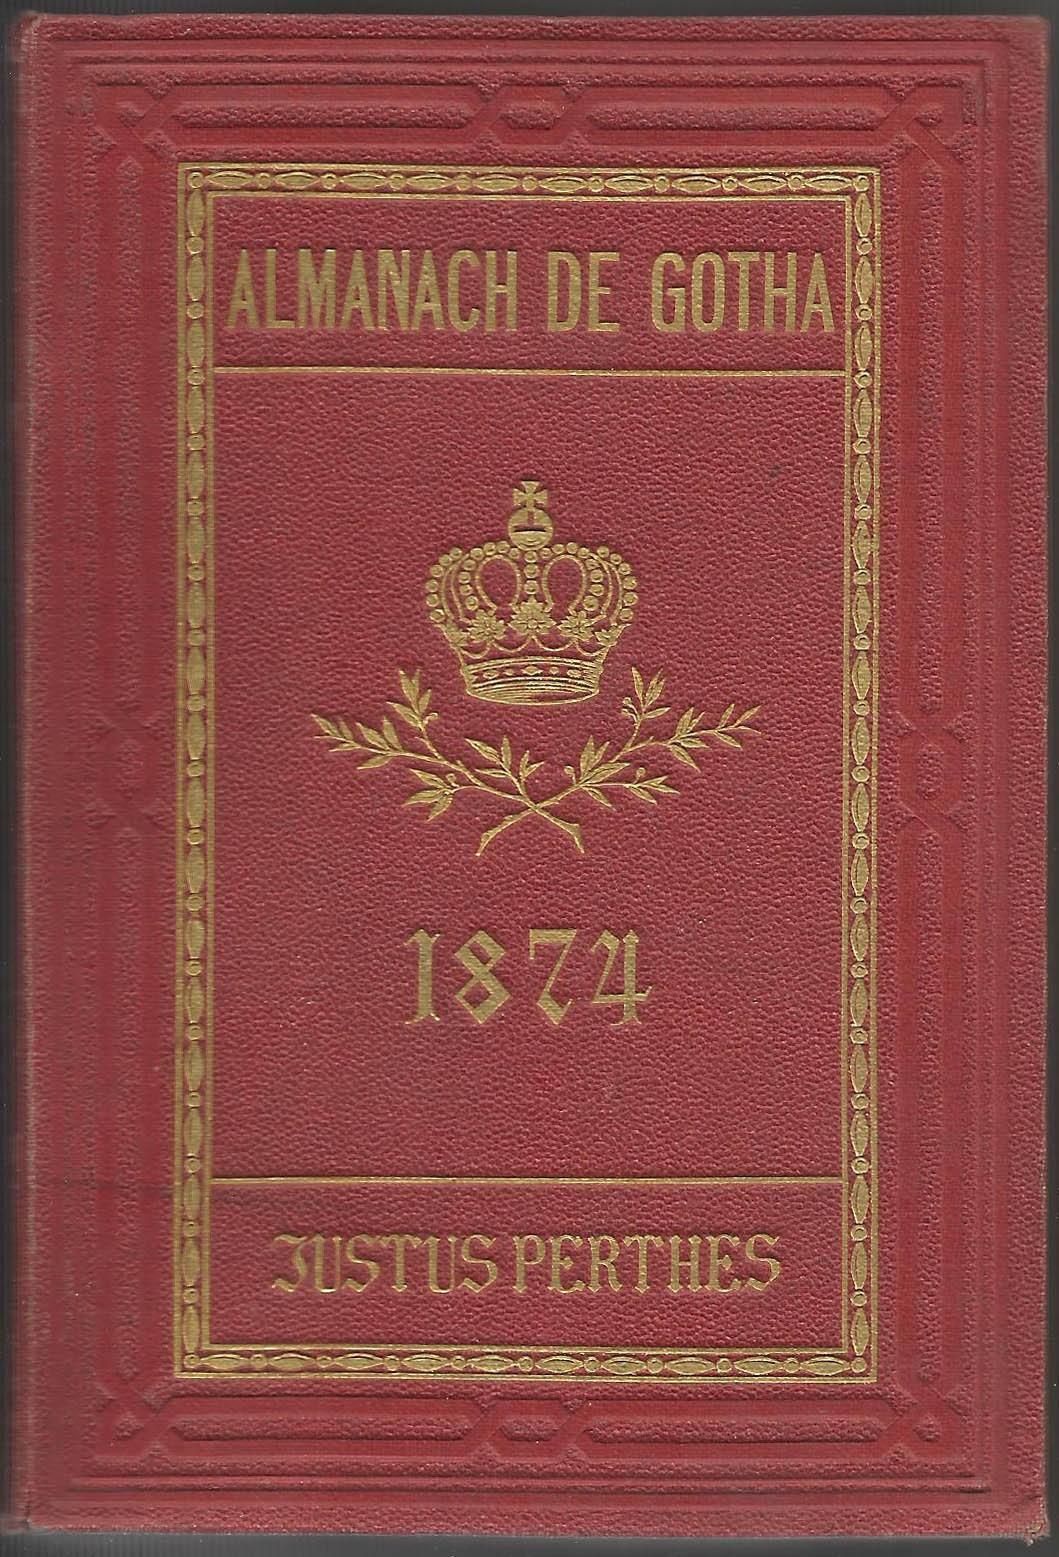 ALMANACH DE GOTHA, 1874. ANNUAIRE GÉNÉALOGIQUE, DIPLOMATIQUE ET STATISTIQUE